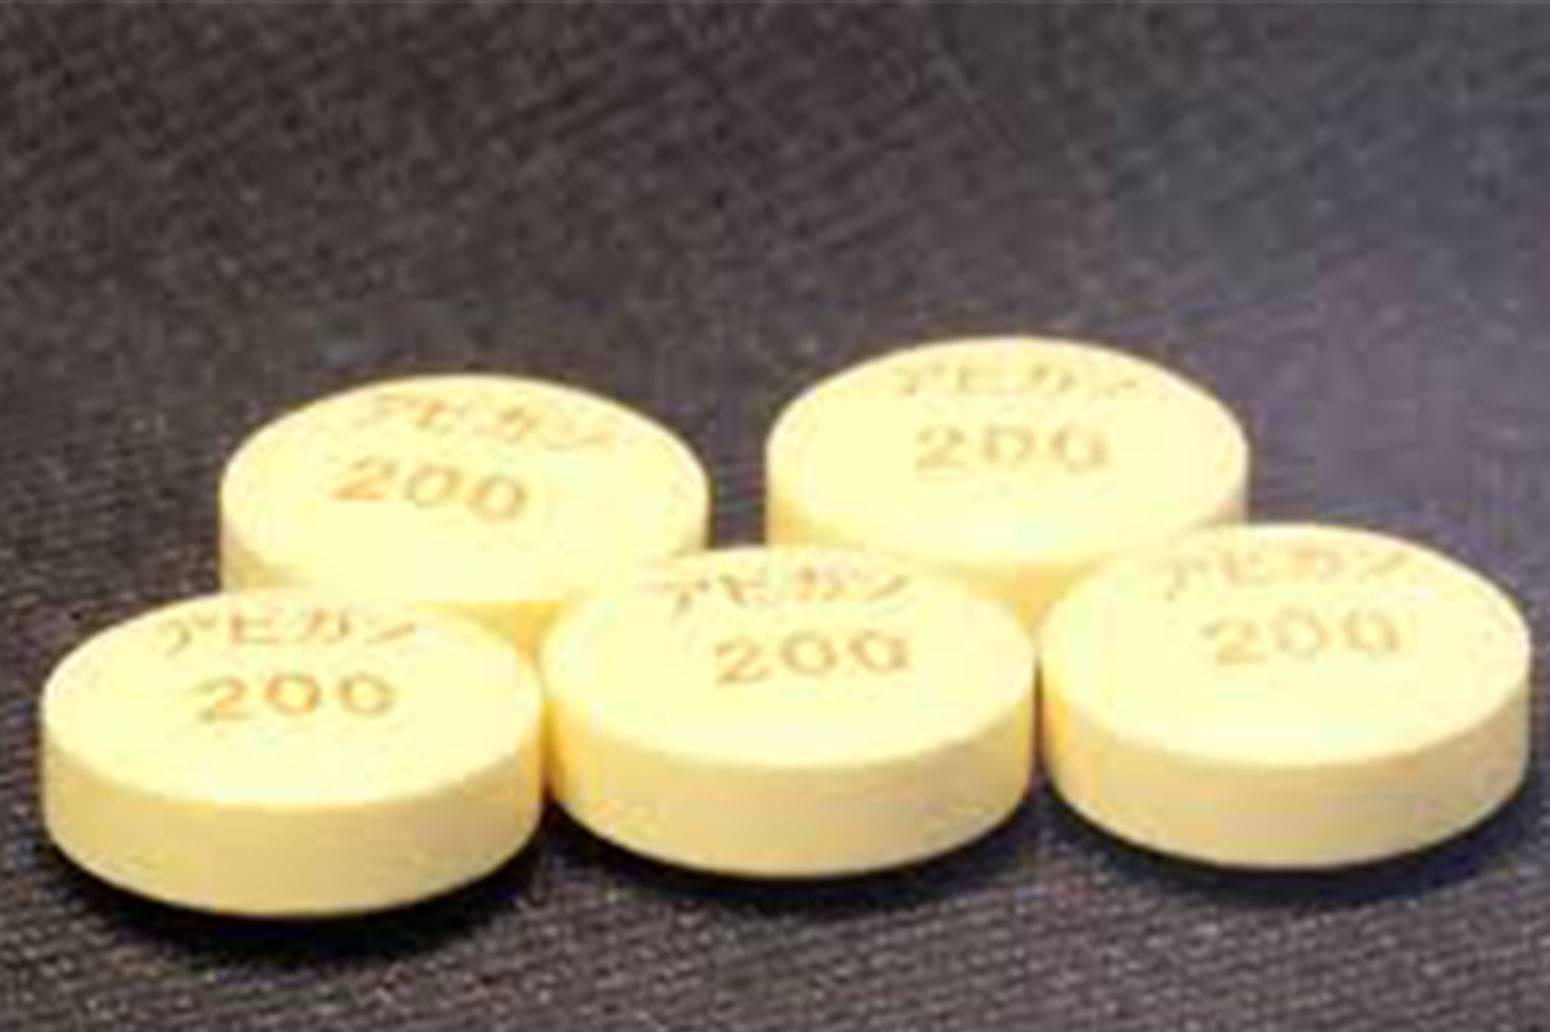 Coronavirus, domani si riunisce l'Aifa per parlare del farmaco giapponese Avigan